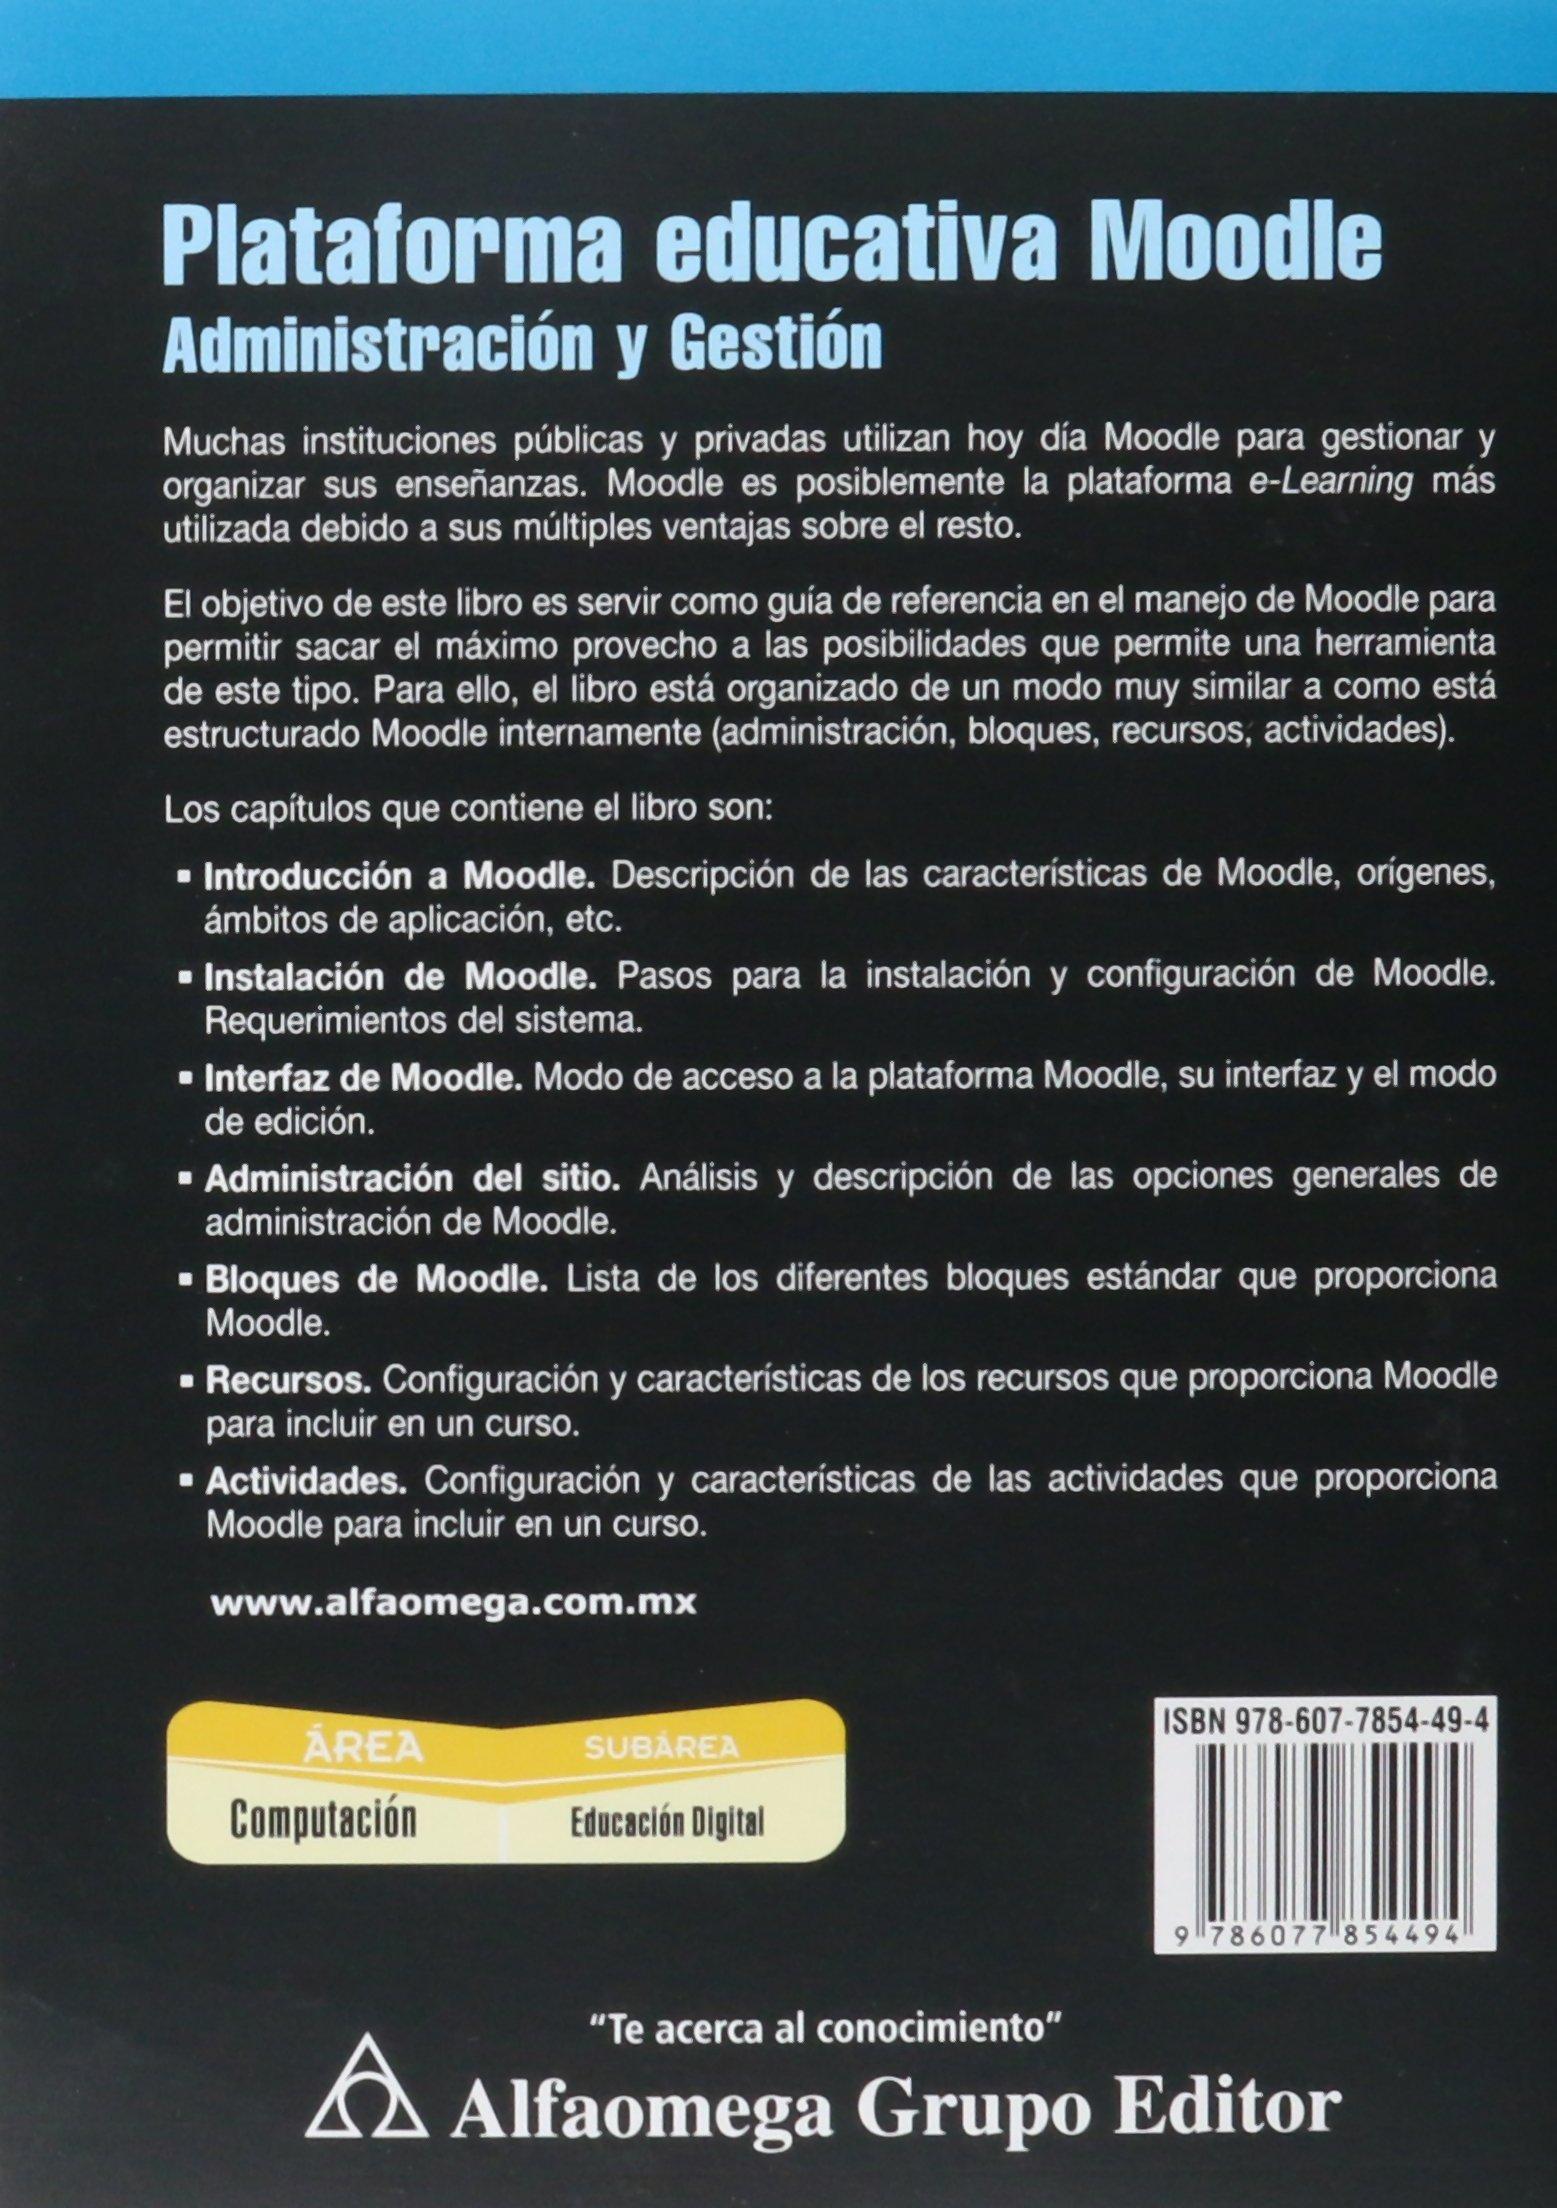 Plataforma Educativa MOODLE, Administracion y gestion ...